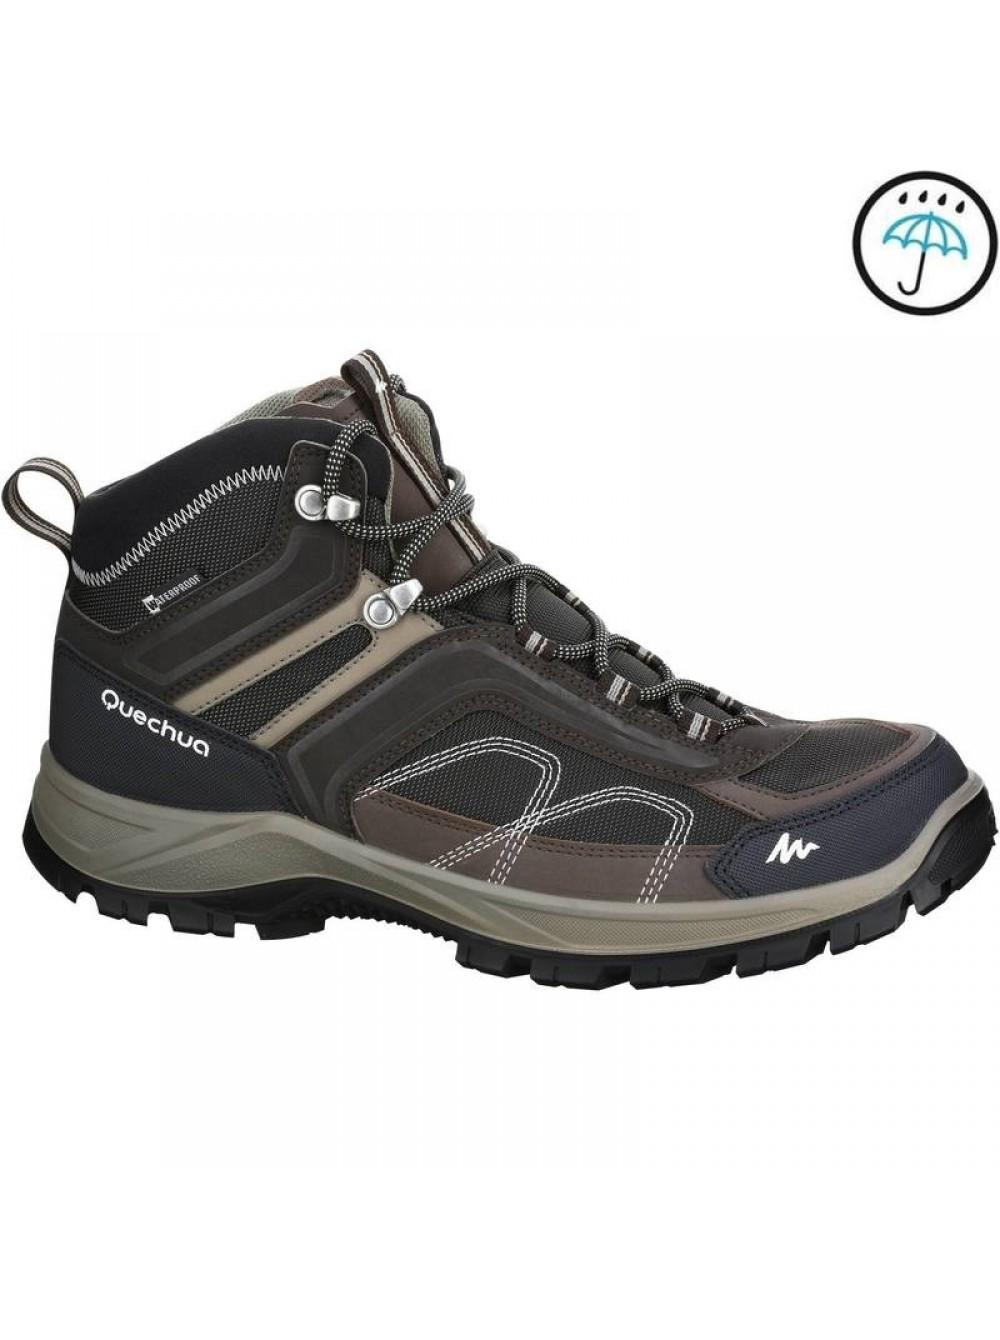 Footwear обувь кто производитель